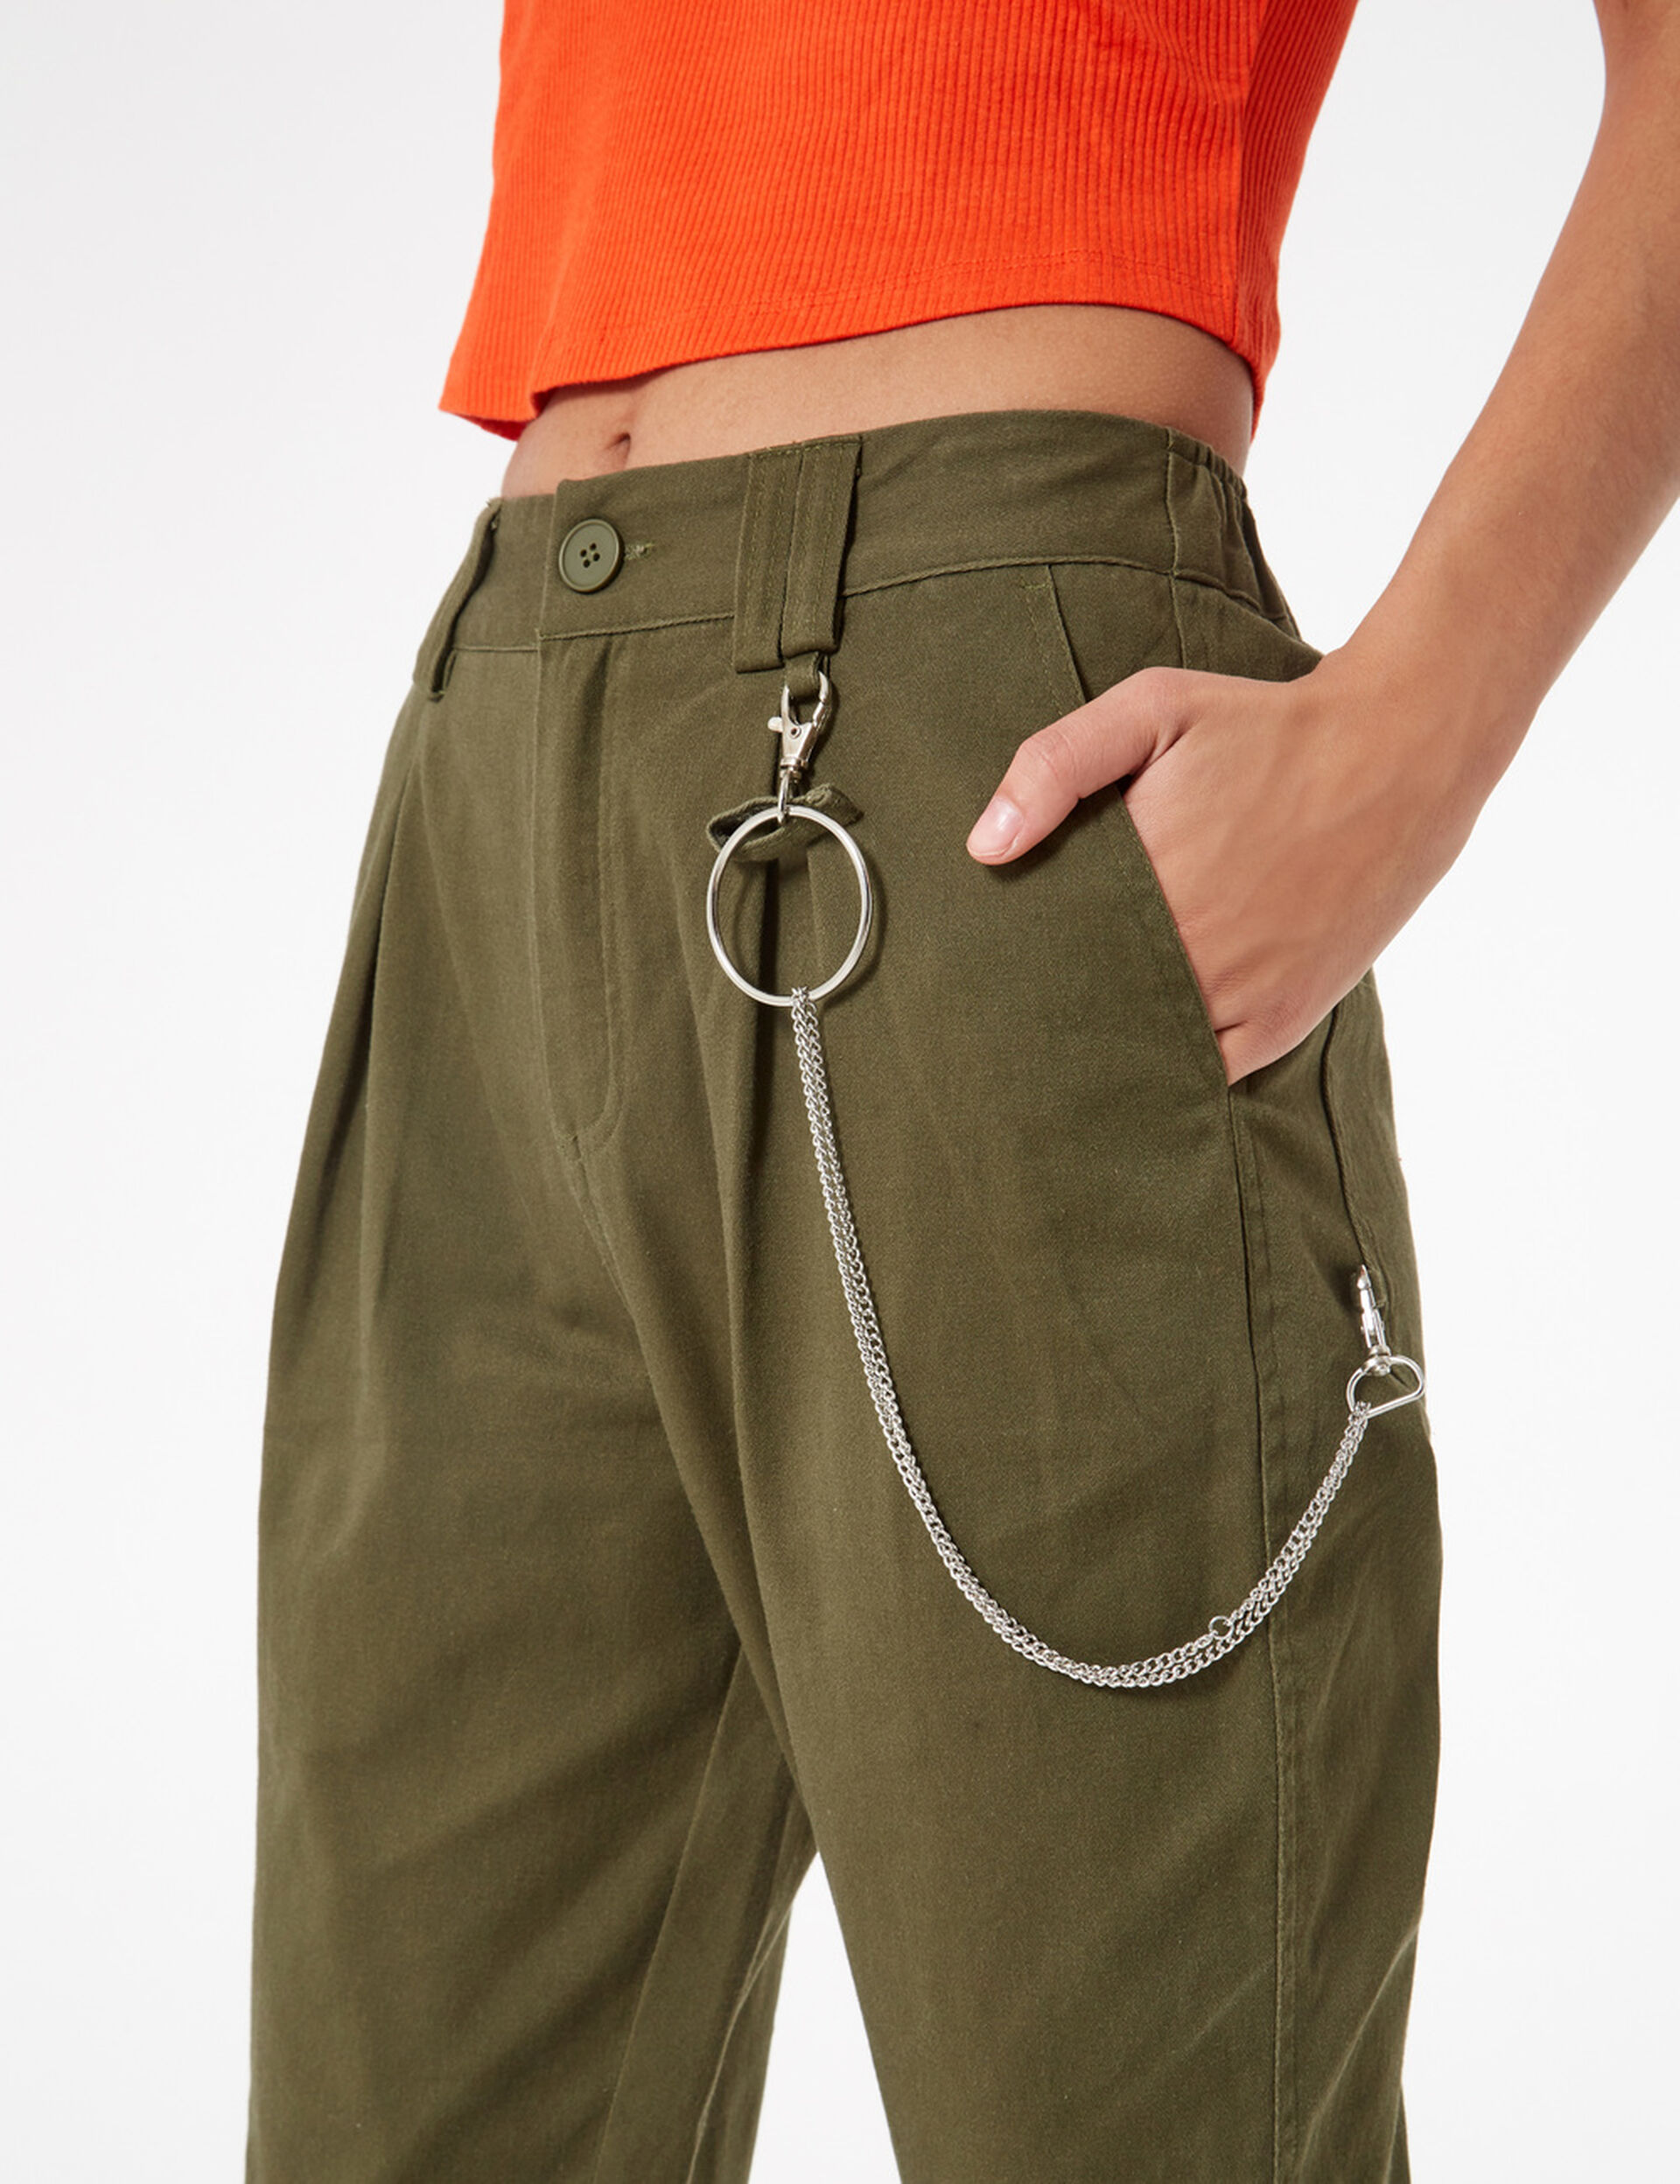 Pantalon cargo avec chaîne